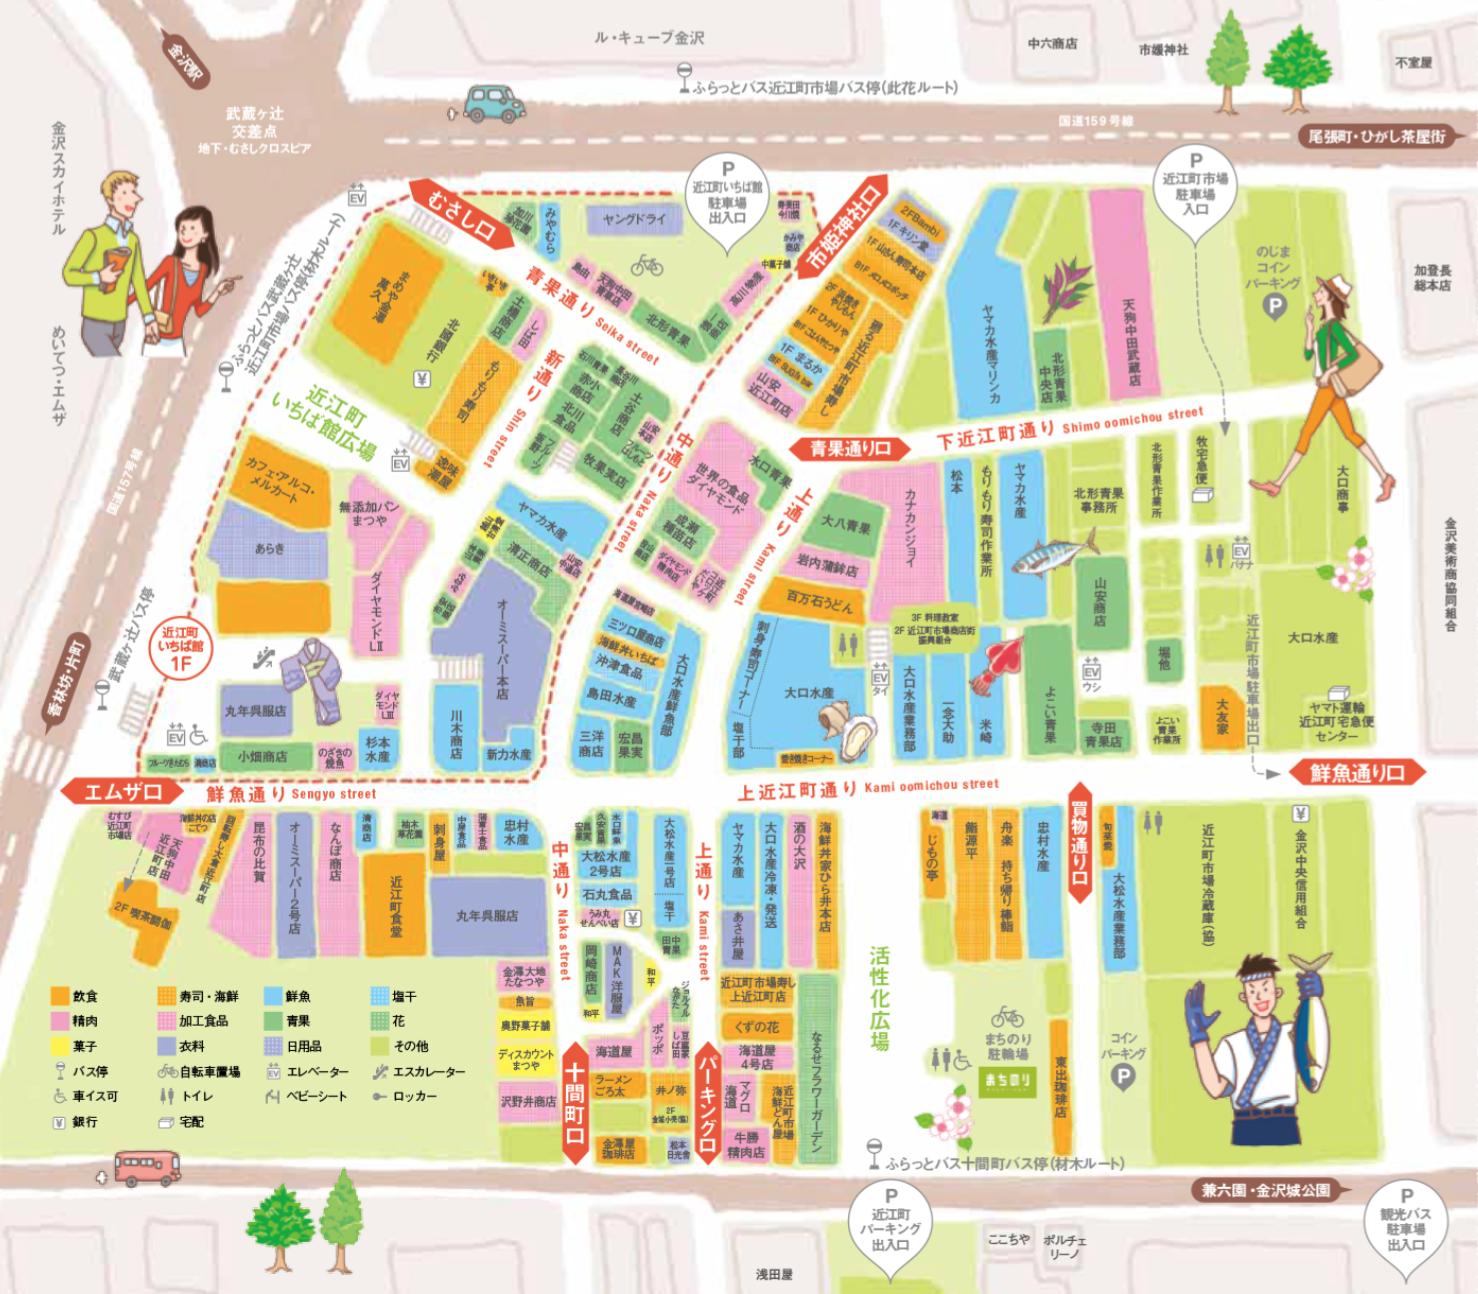 金澤美食 近江町市場的店家地圖